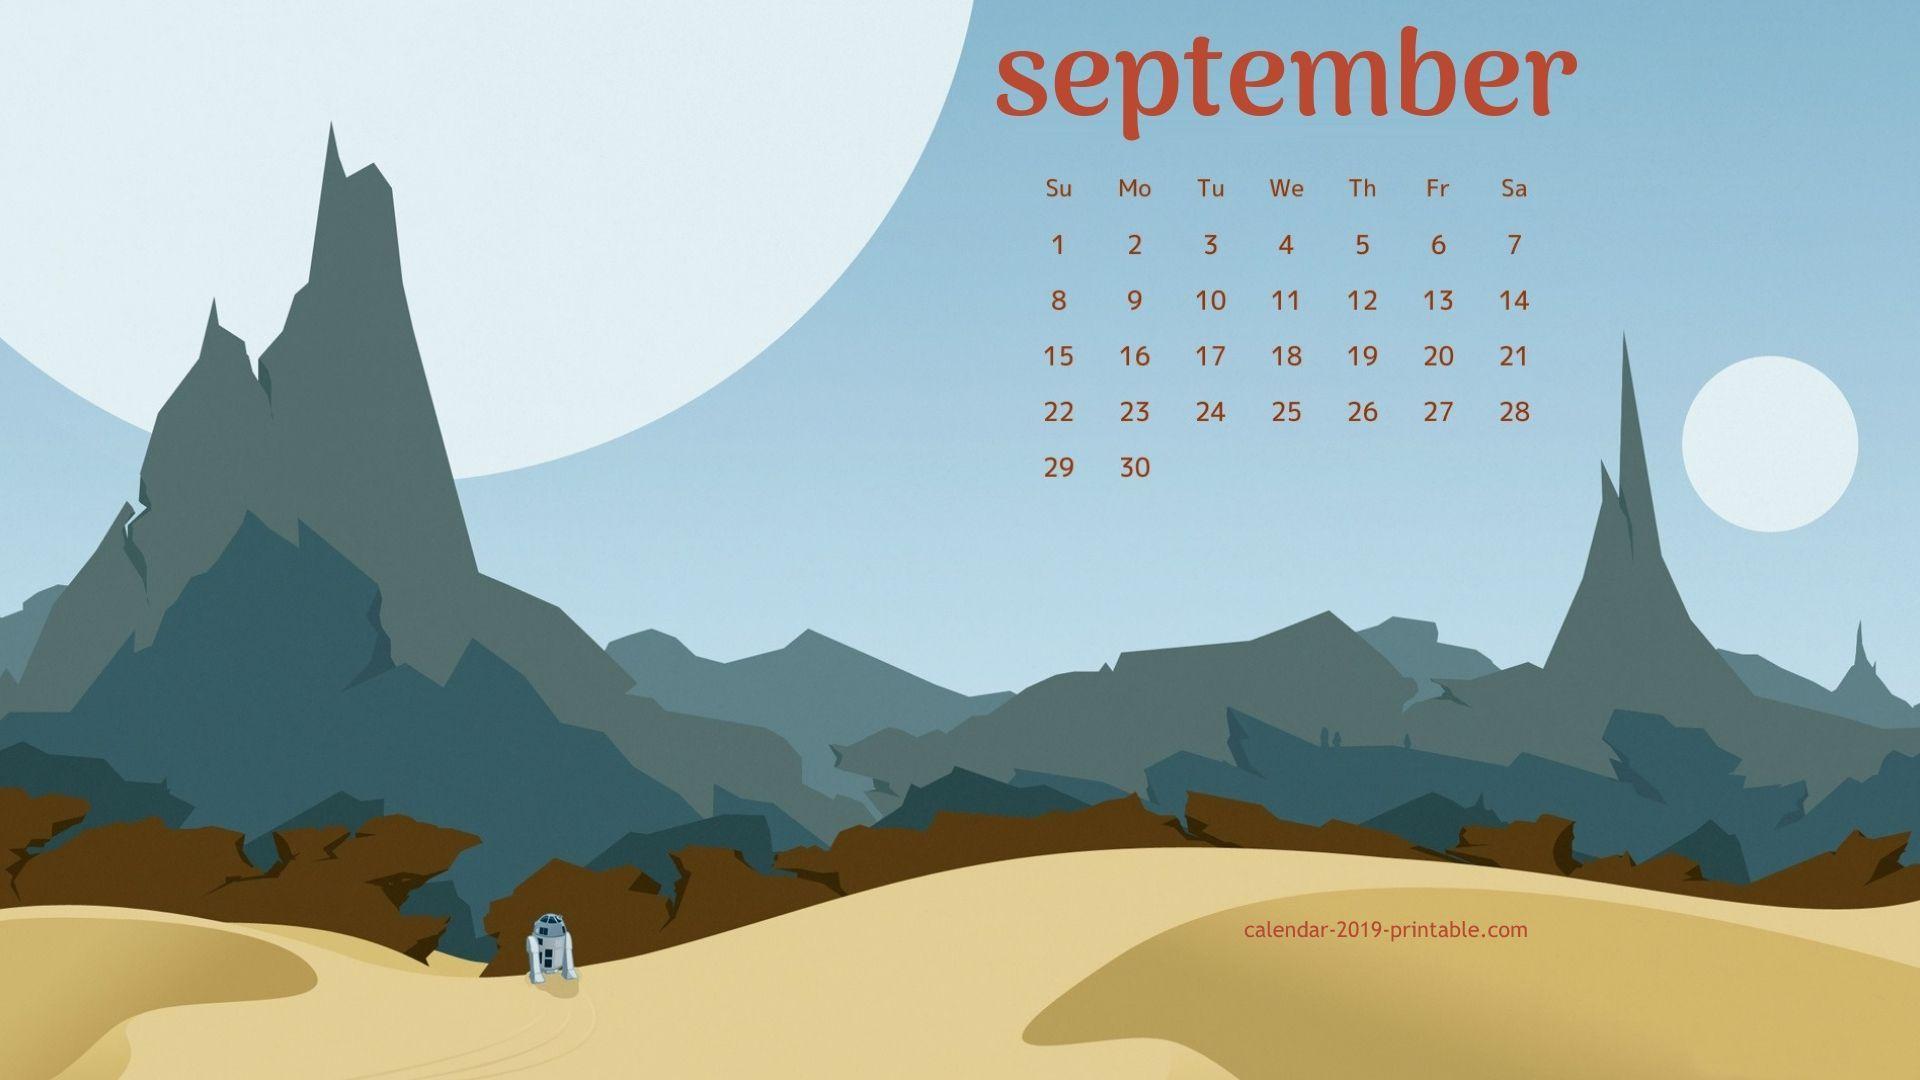 September 2019 Pc Background Wallpaper 2019 Calendars In